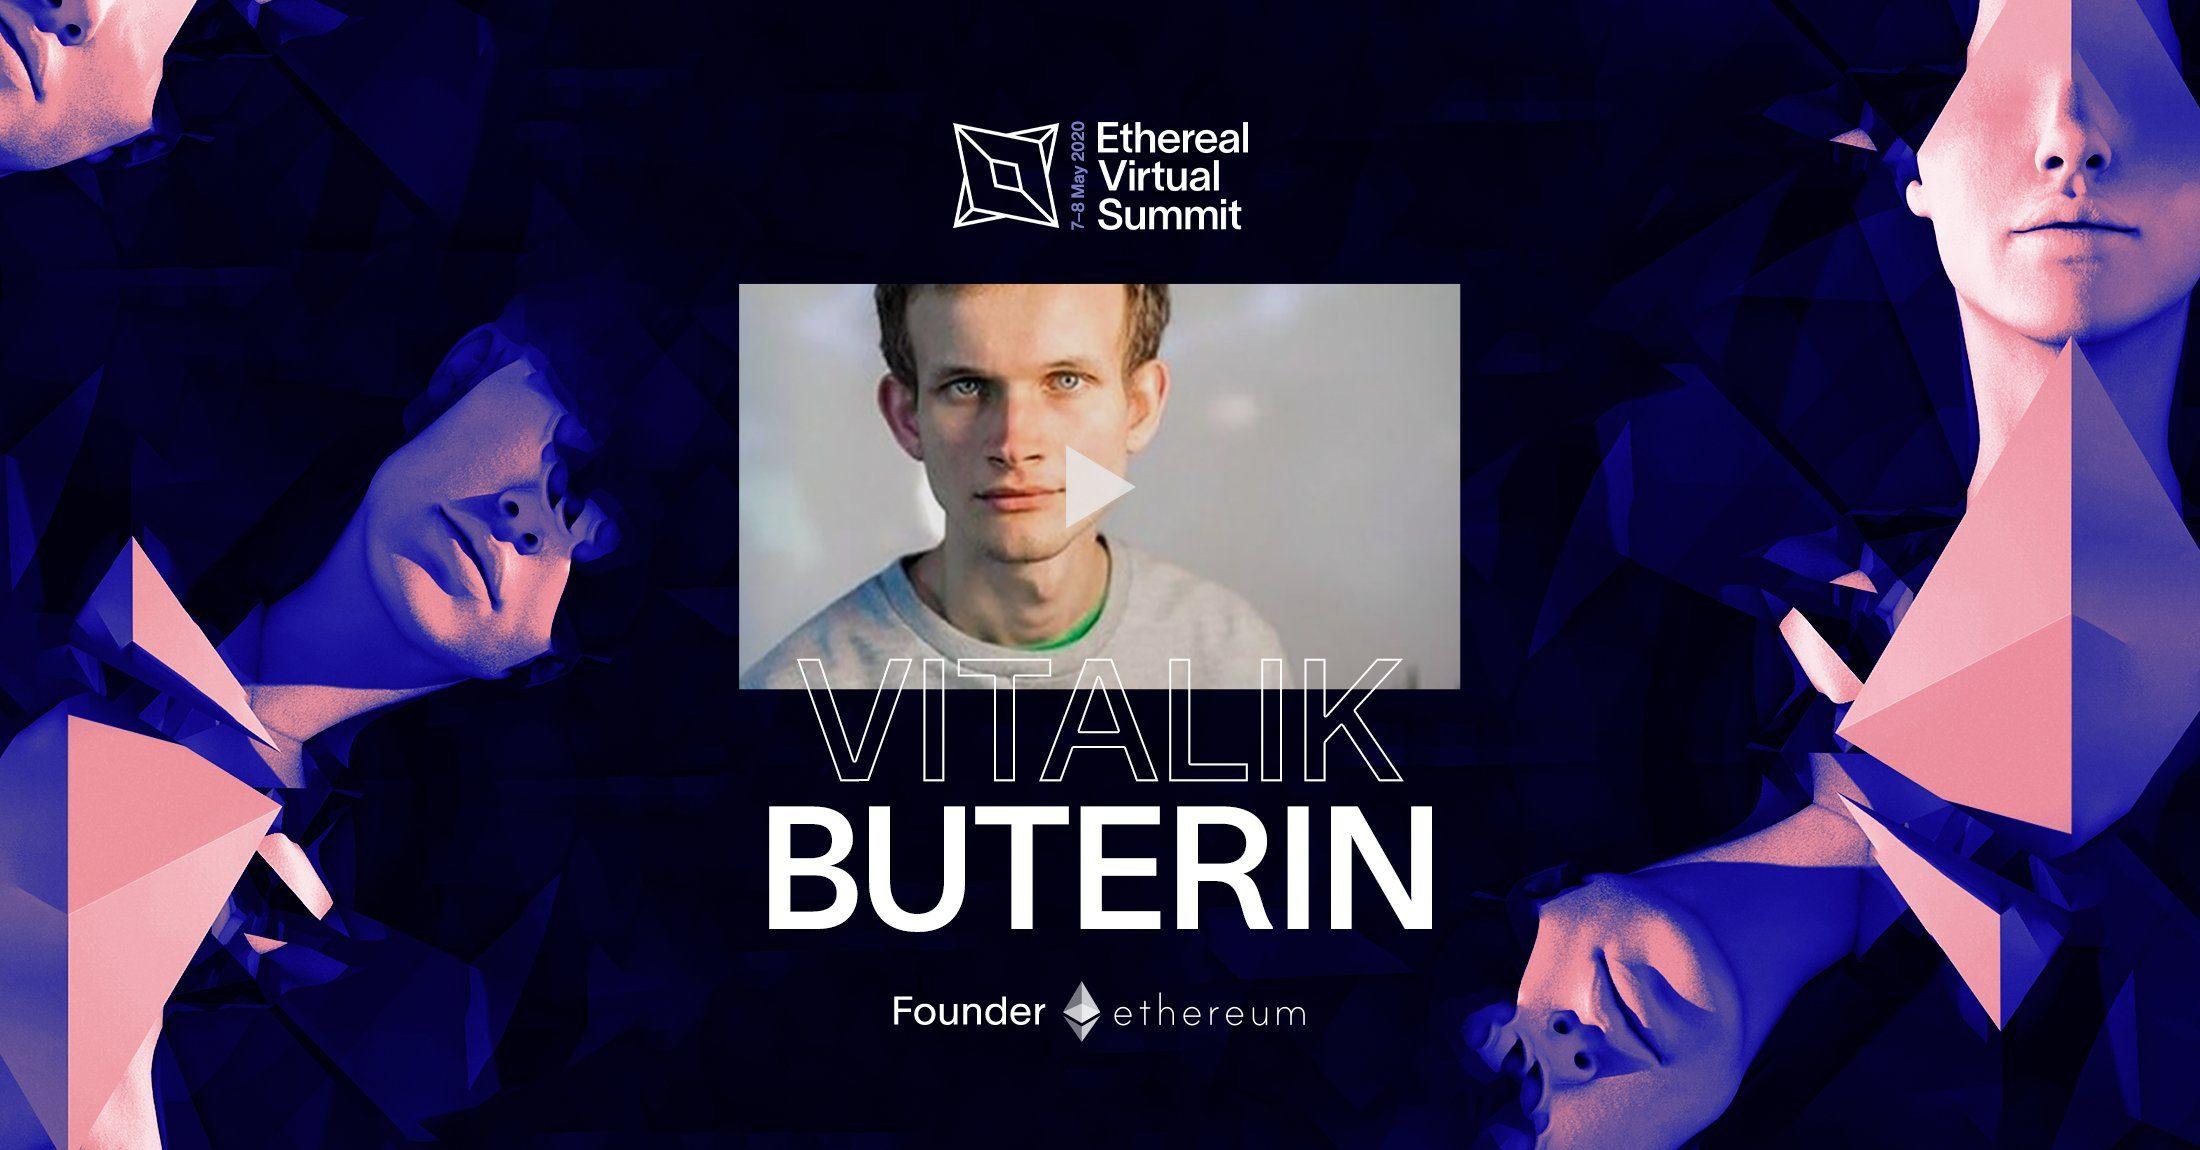 """giá bitcoin: Vitalik Buterin: """"Cuộc khủng hoảng hiện tại chứng minh nhu cầu cần phải có Ethereum"""""""